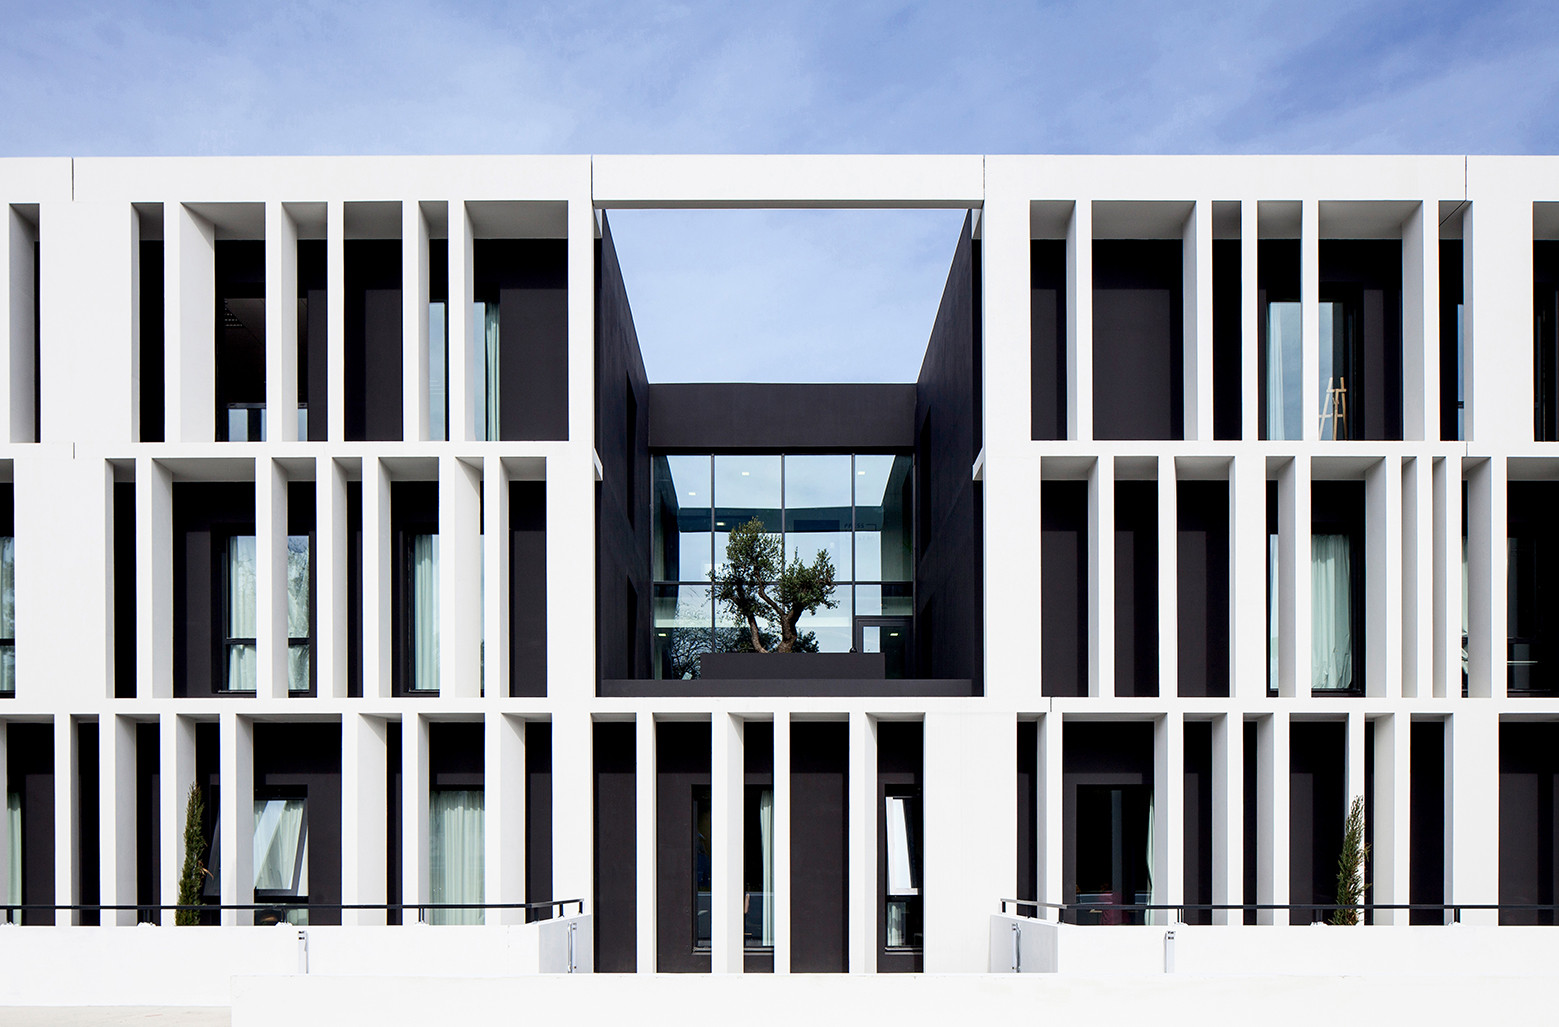 Academia de Arte (ESMA) / LCR Architectes, © Mathieu Ducros